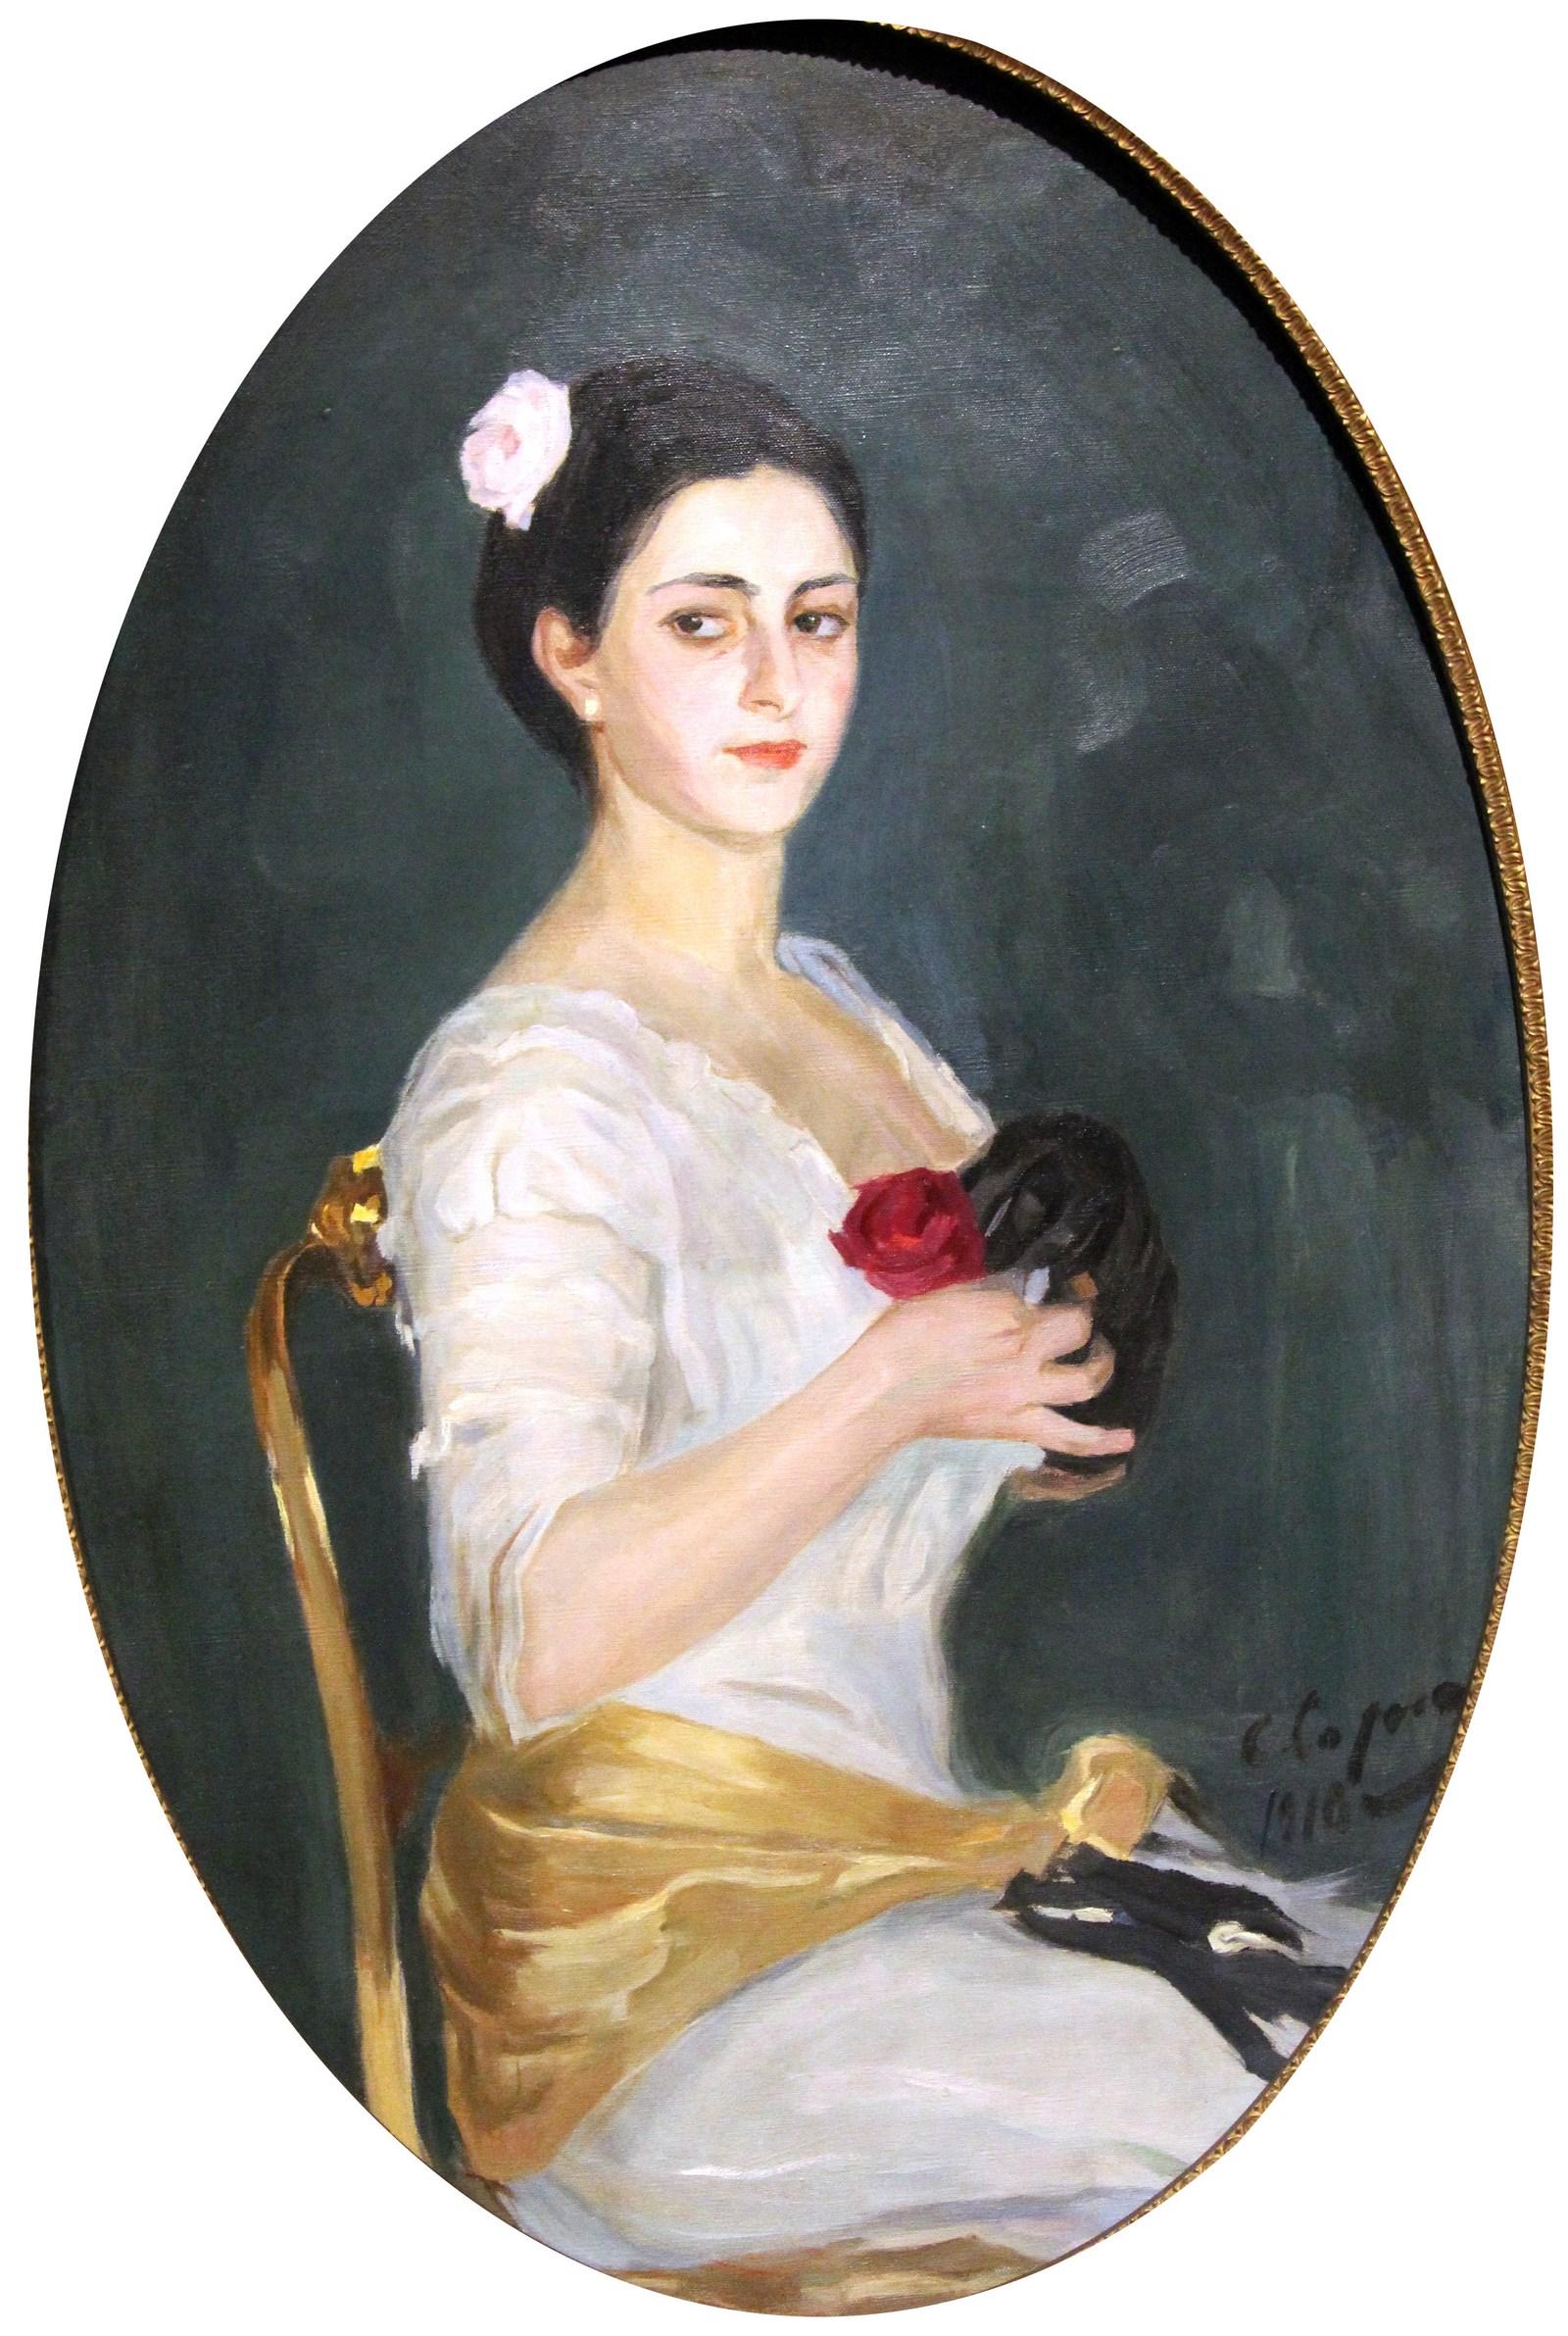 Сорин С.А. 1878-1953 Женщина с розой. 1910 Холст, масло. Из корпоративной коллекции Белгазпромбанка